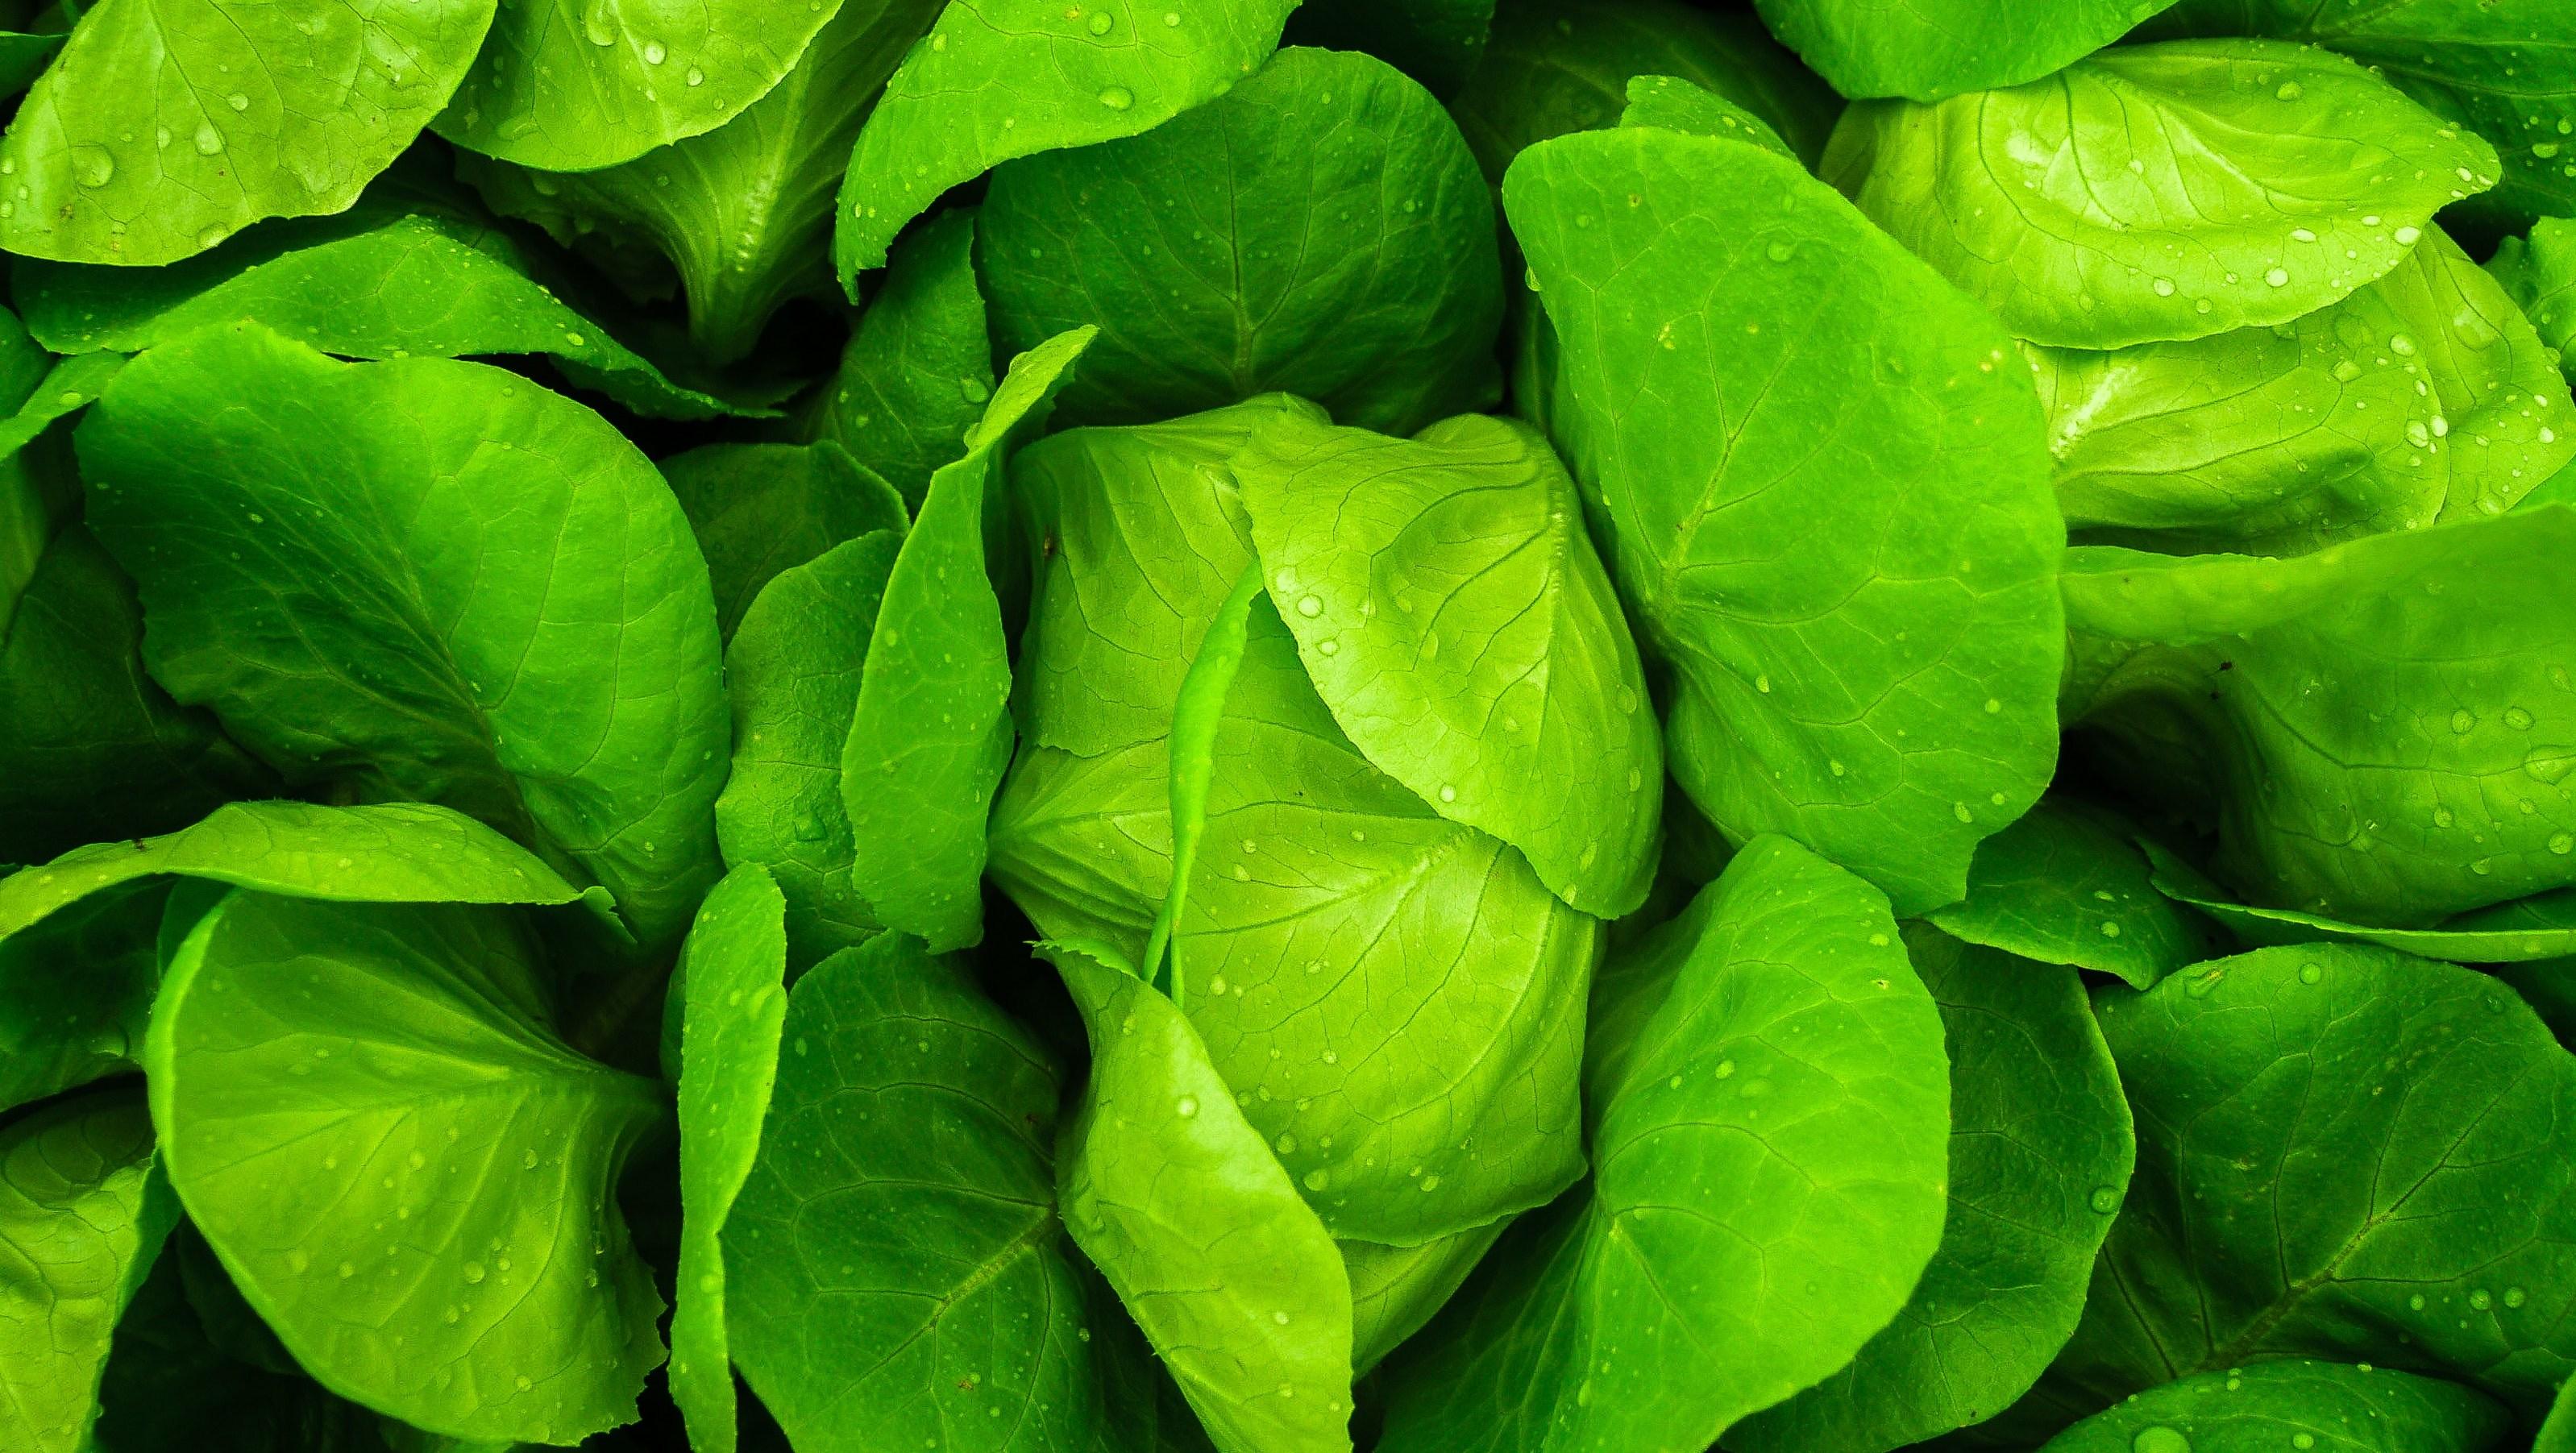 salade laitue - Tendances food de quoi va-t-on parler en 2019?